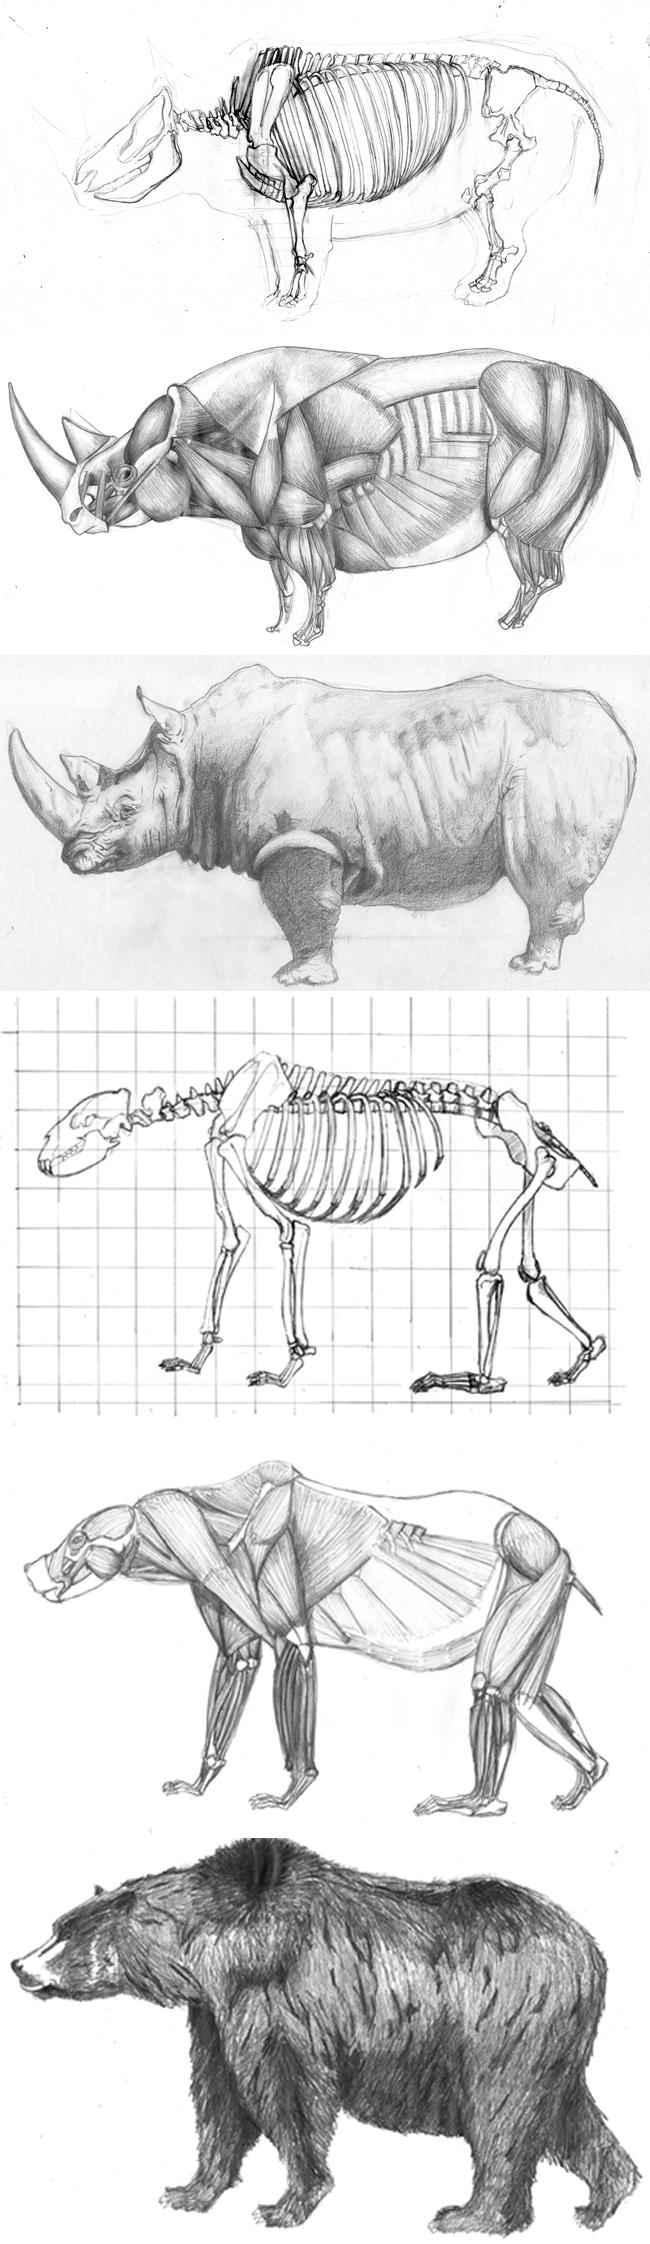 anatomia animal archivos - Cursos de Aerografía, Dibujo, Cómic e ...